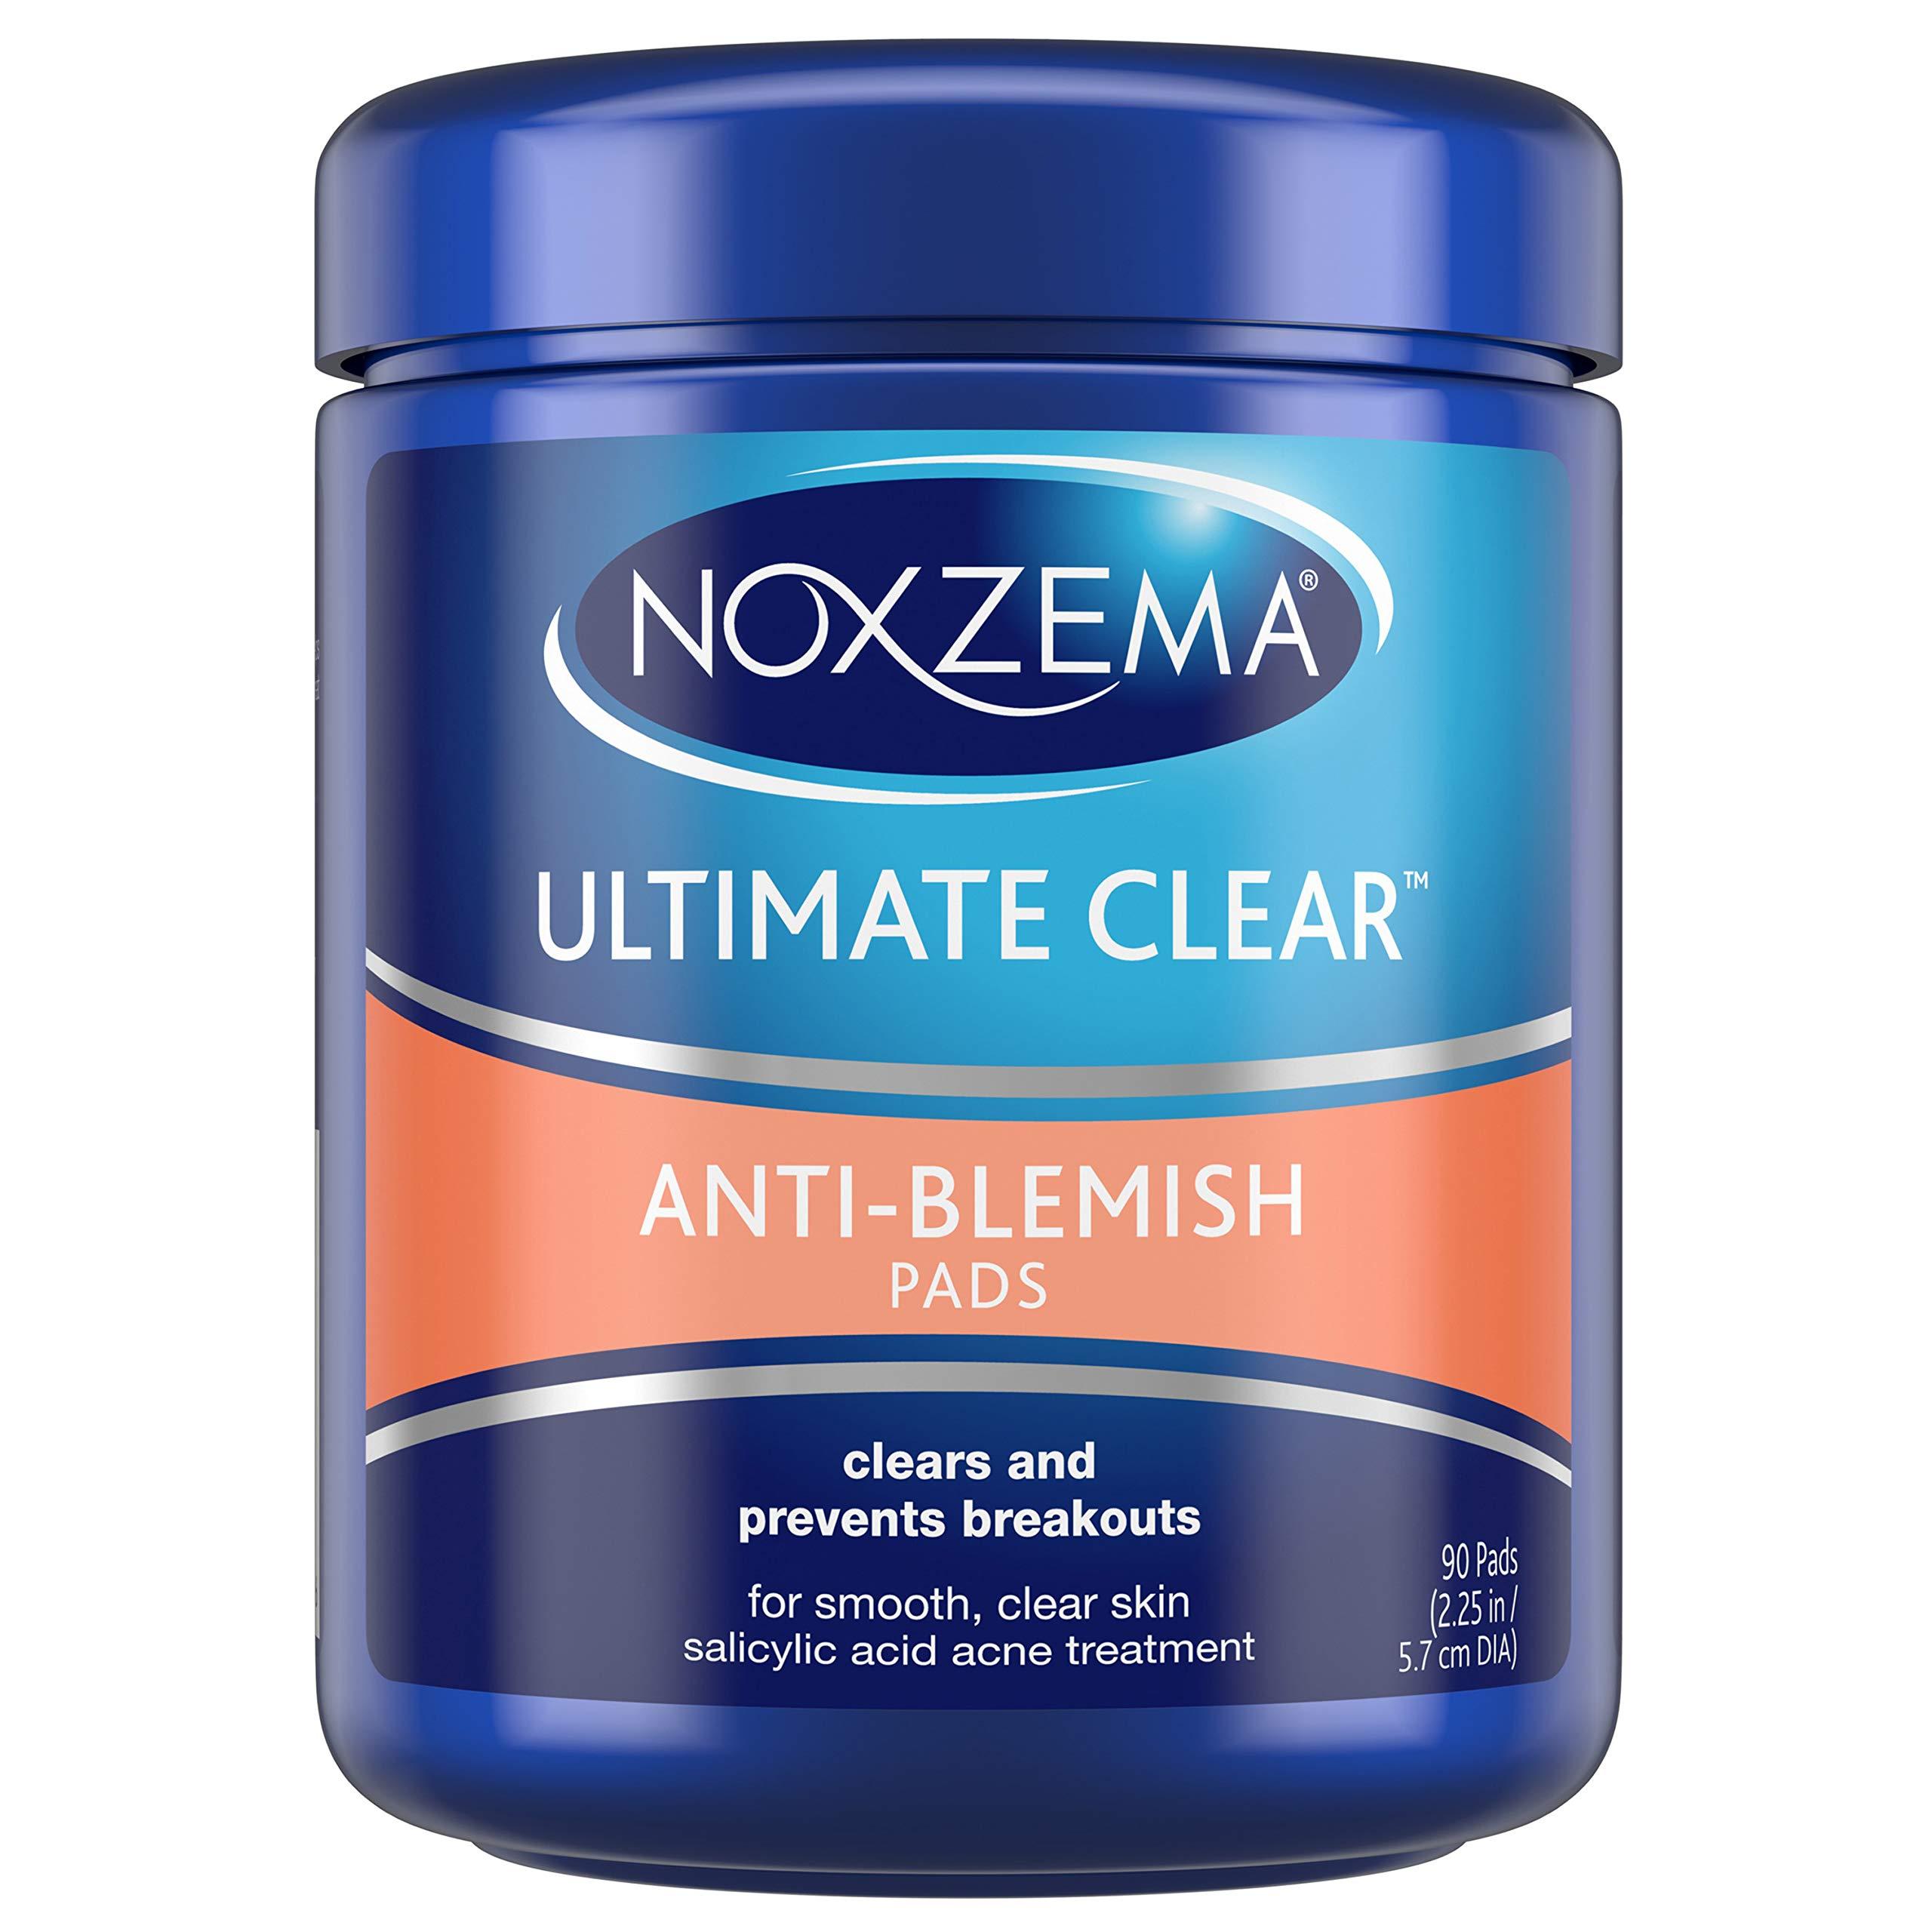 Noxzema soothe smooth refreshing bikini